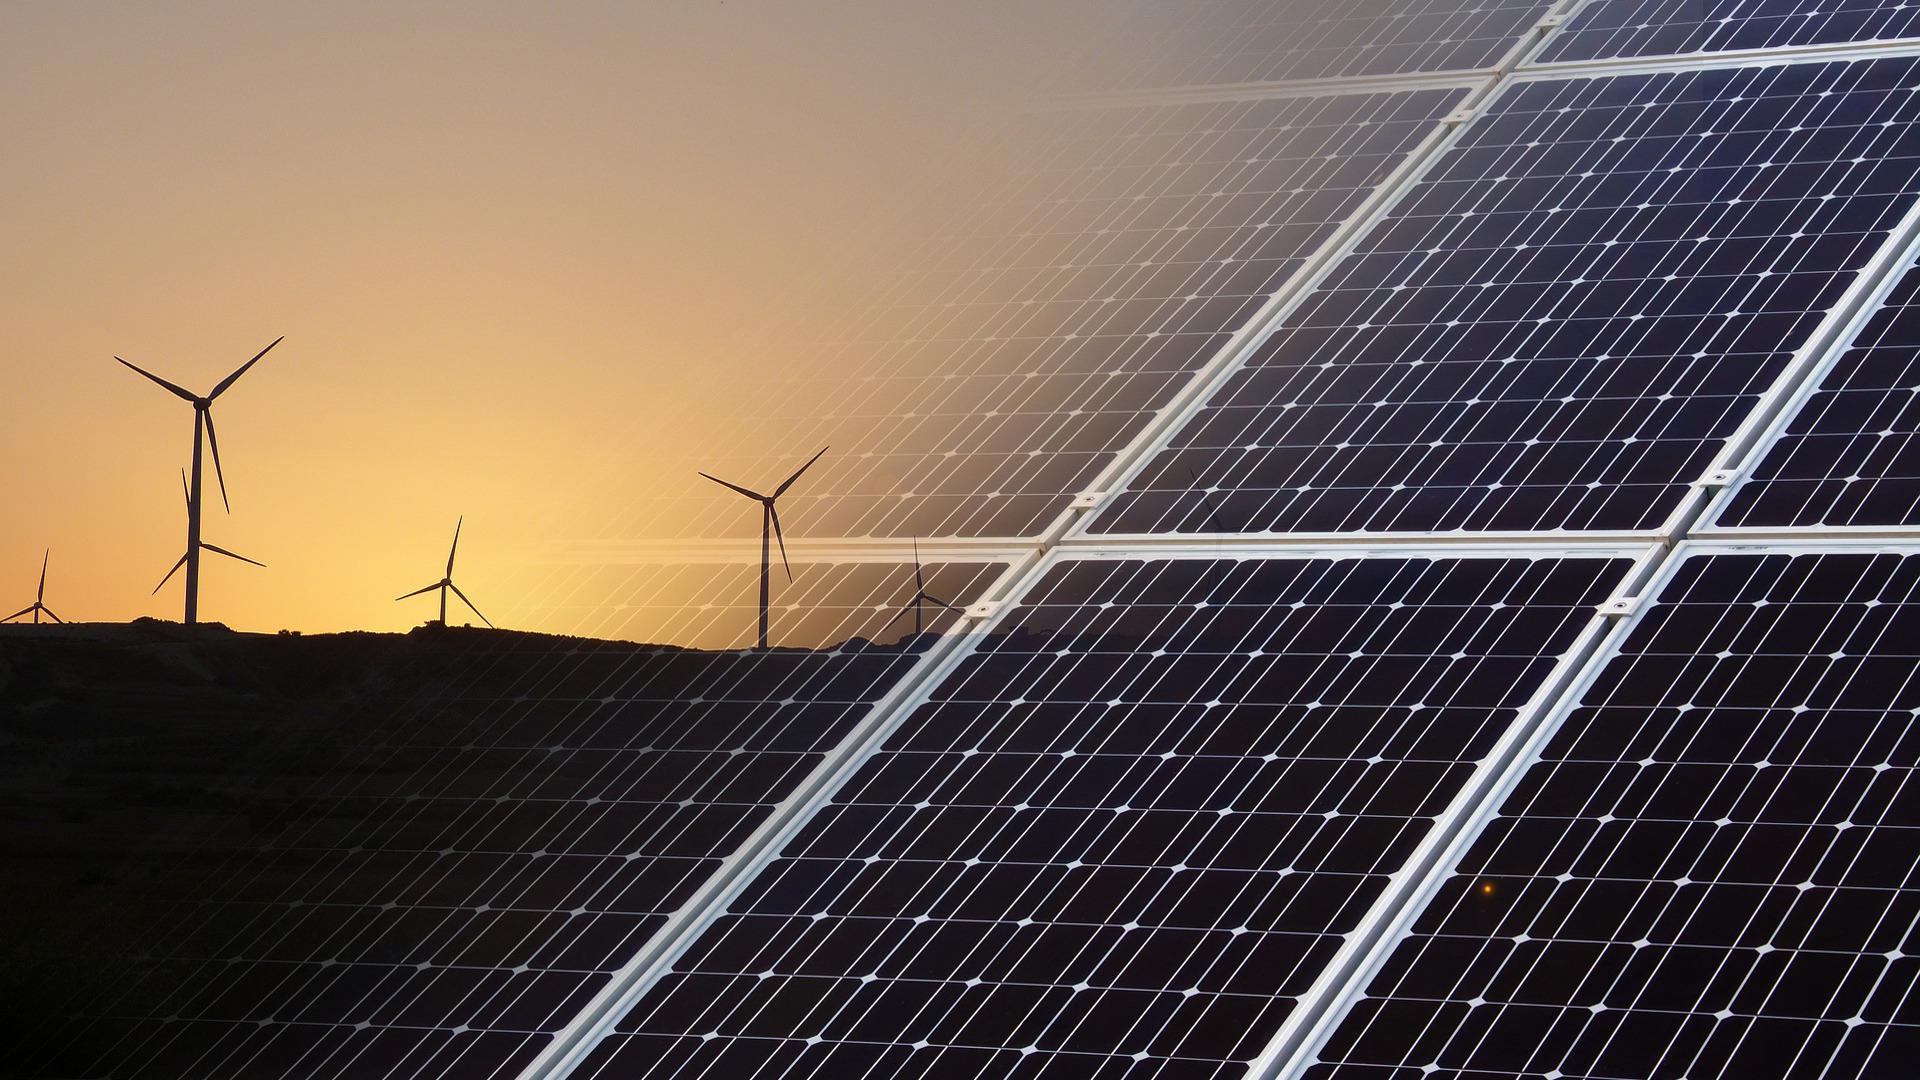 El 24 de abril finaliza el plazo para las subvenciones a proyectos de energias renovables 1920